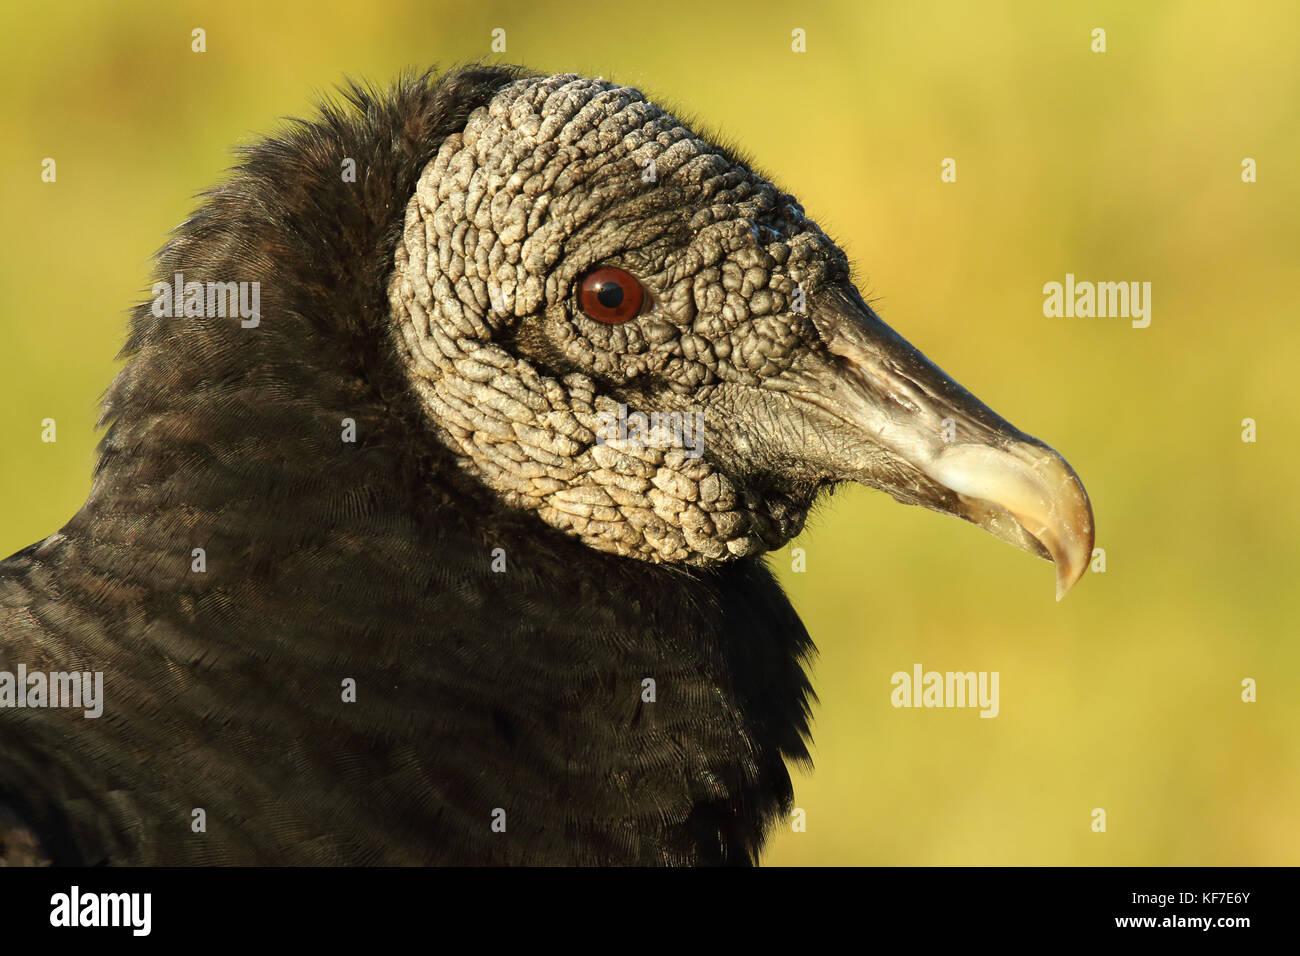 Un retrato de un buitre negro en los Everglades de la florida. Imagen De Stock